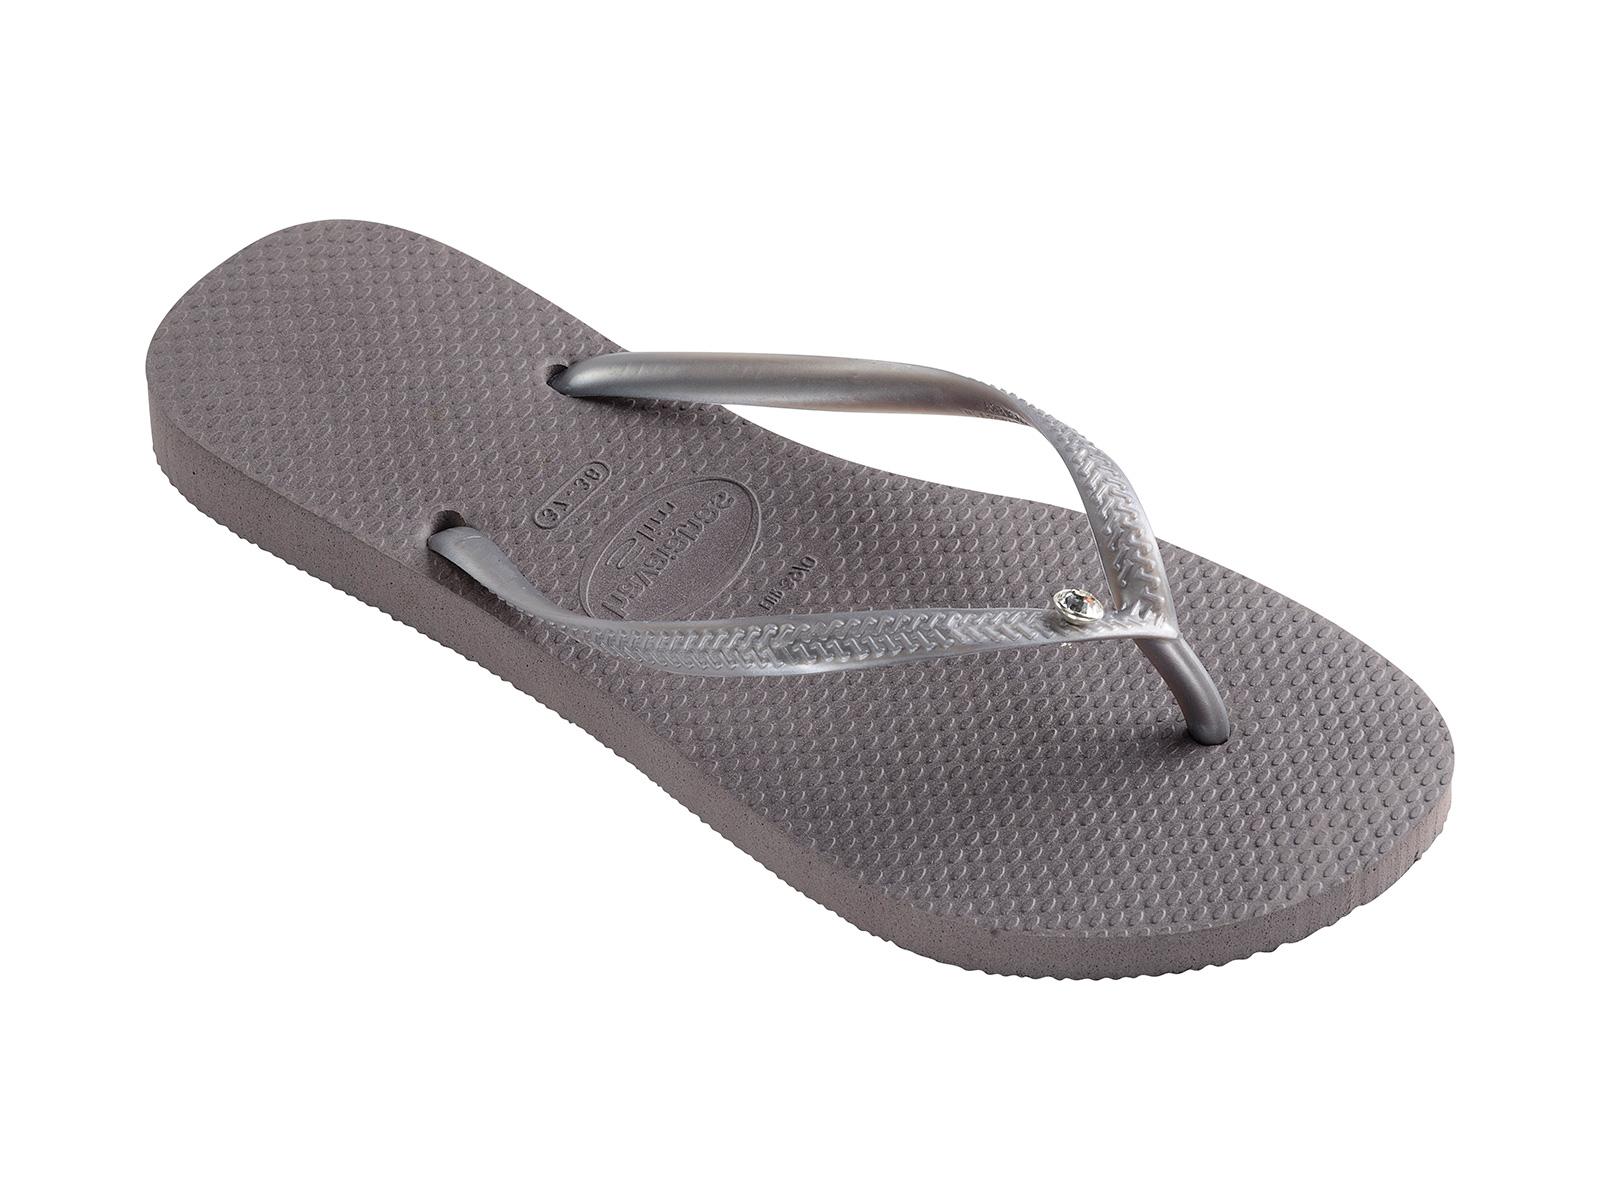 d2b0191b204 Grey Flip-flops Decorated With Swarovski Crystals - Slim Crystal Glamour Sw  Fog - Havaianas